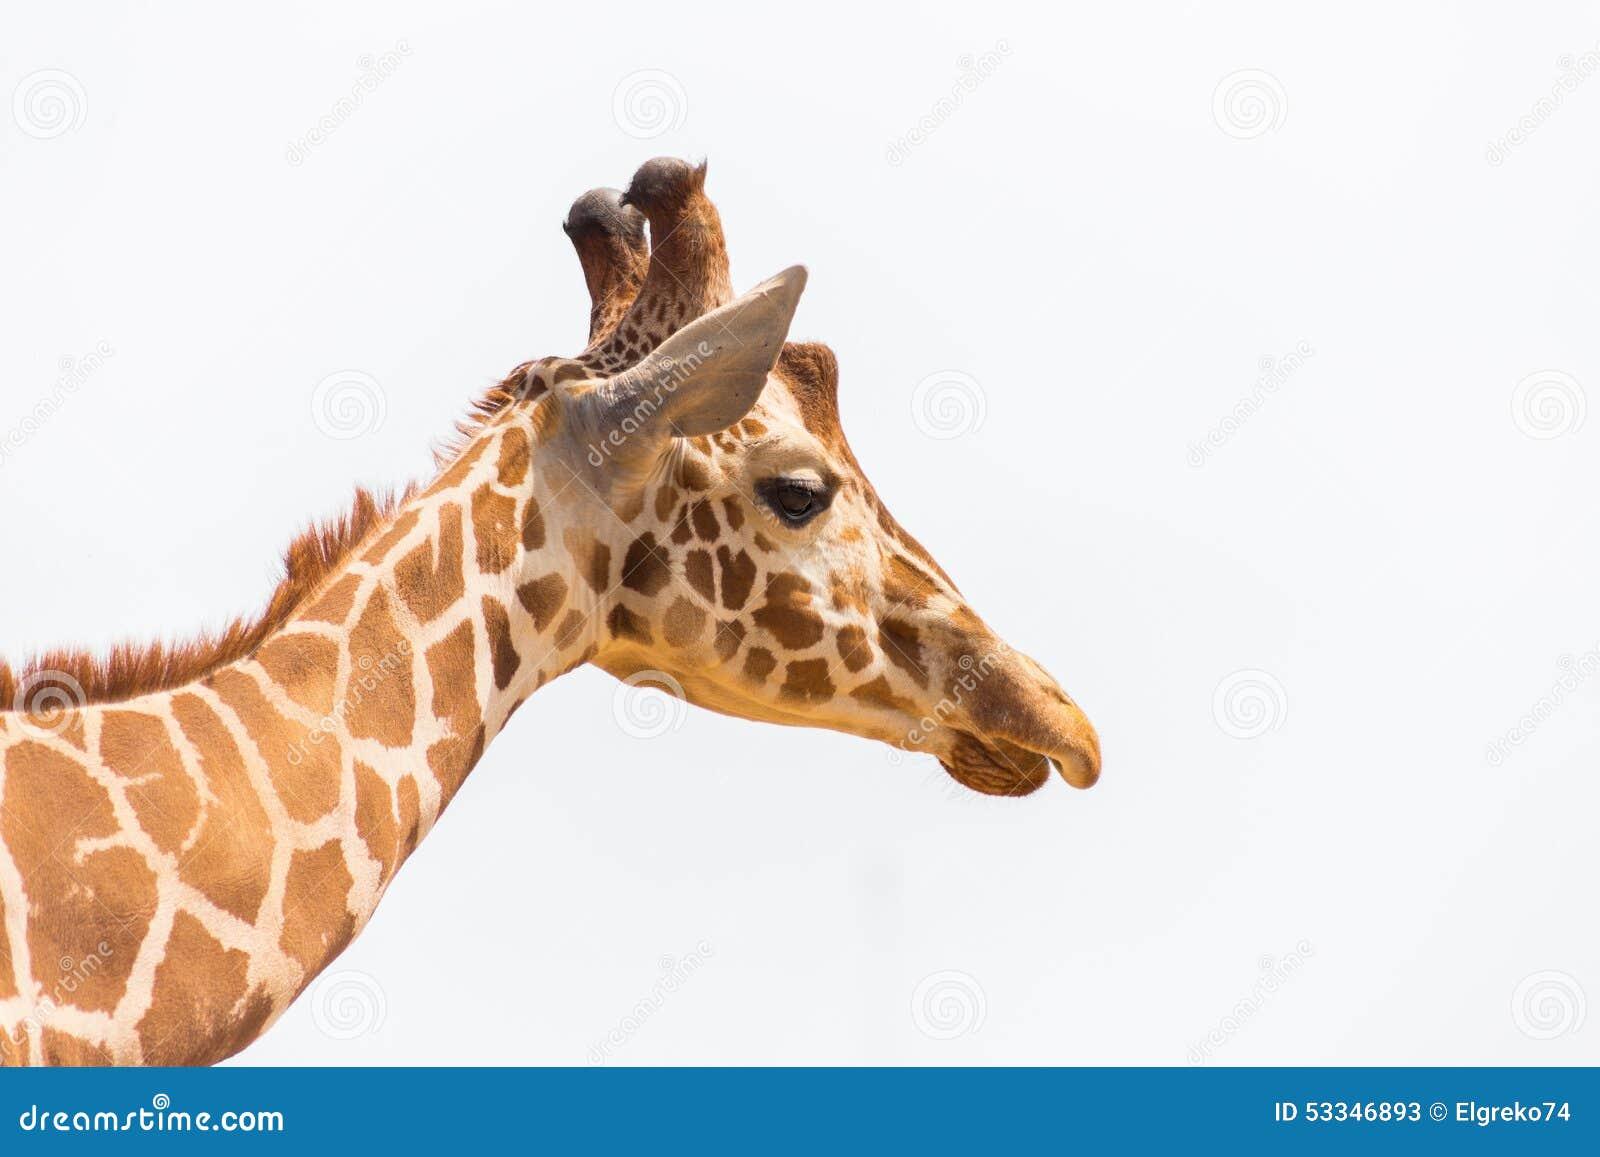 Giraffenkopf lokalisiert auf weißem Hintergrund